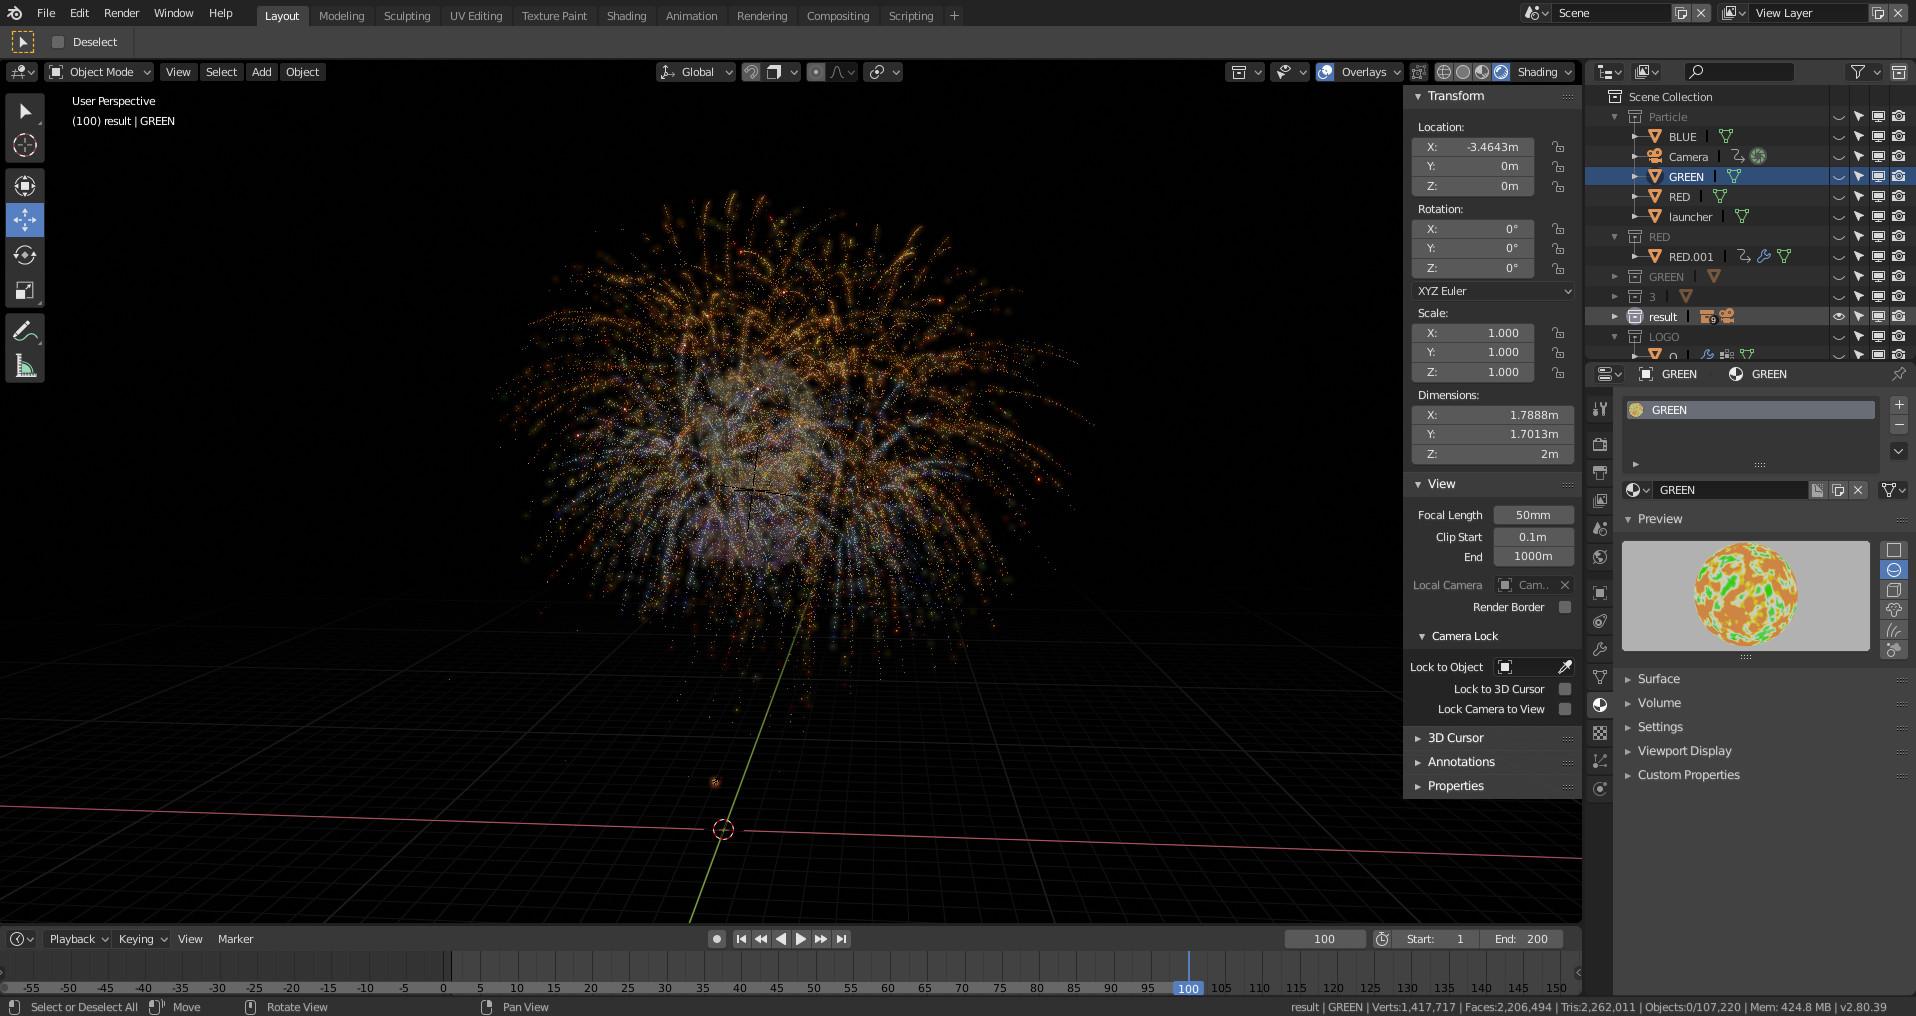 ArtStation - FREE Download scene animation Firework (blender 2 8